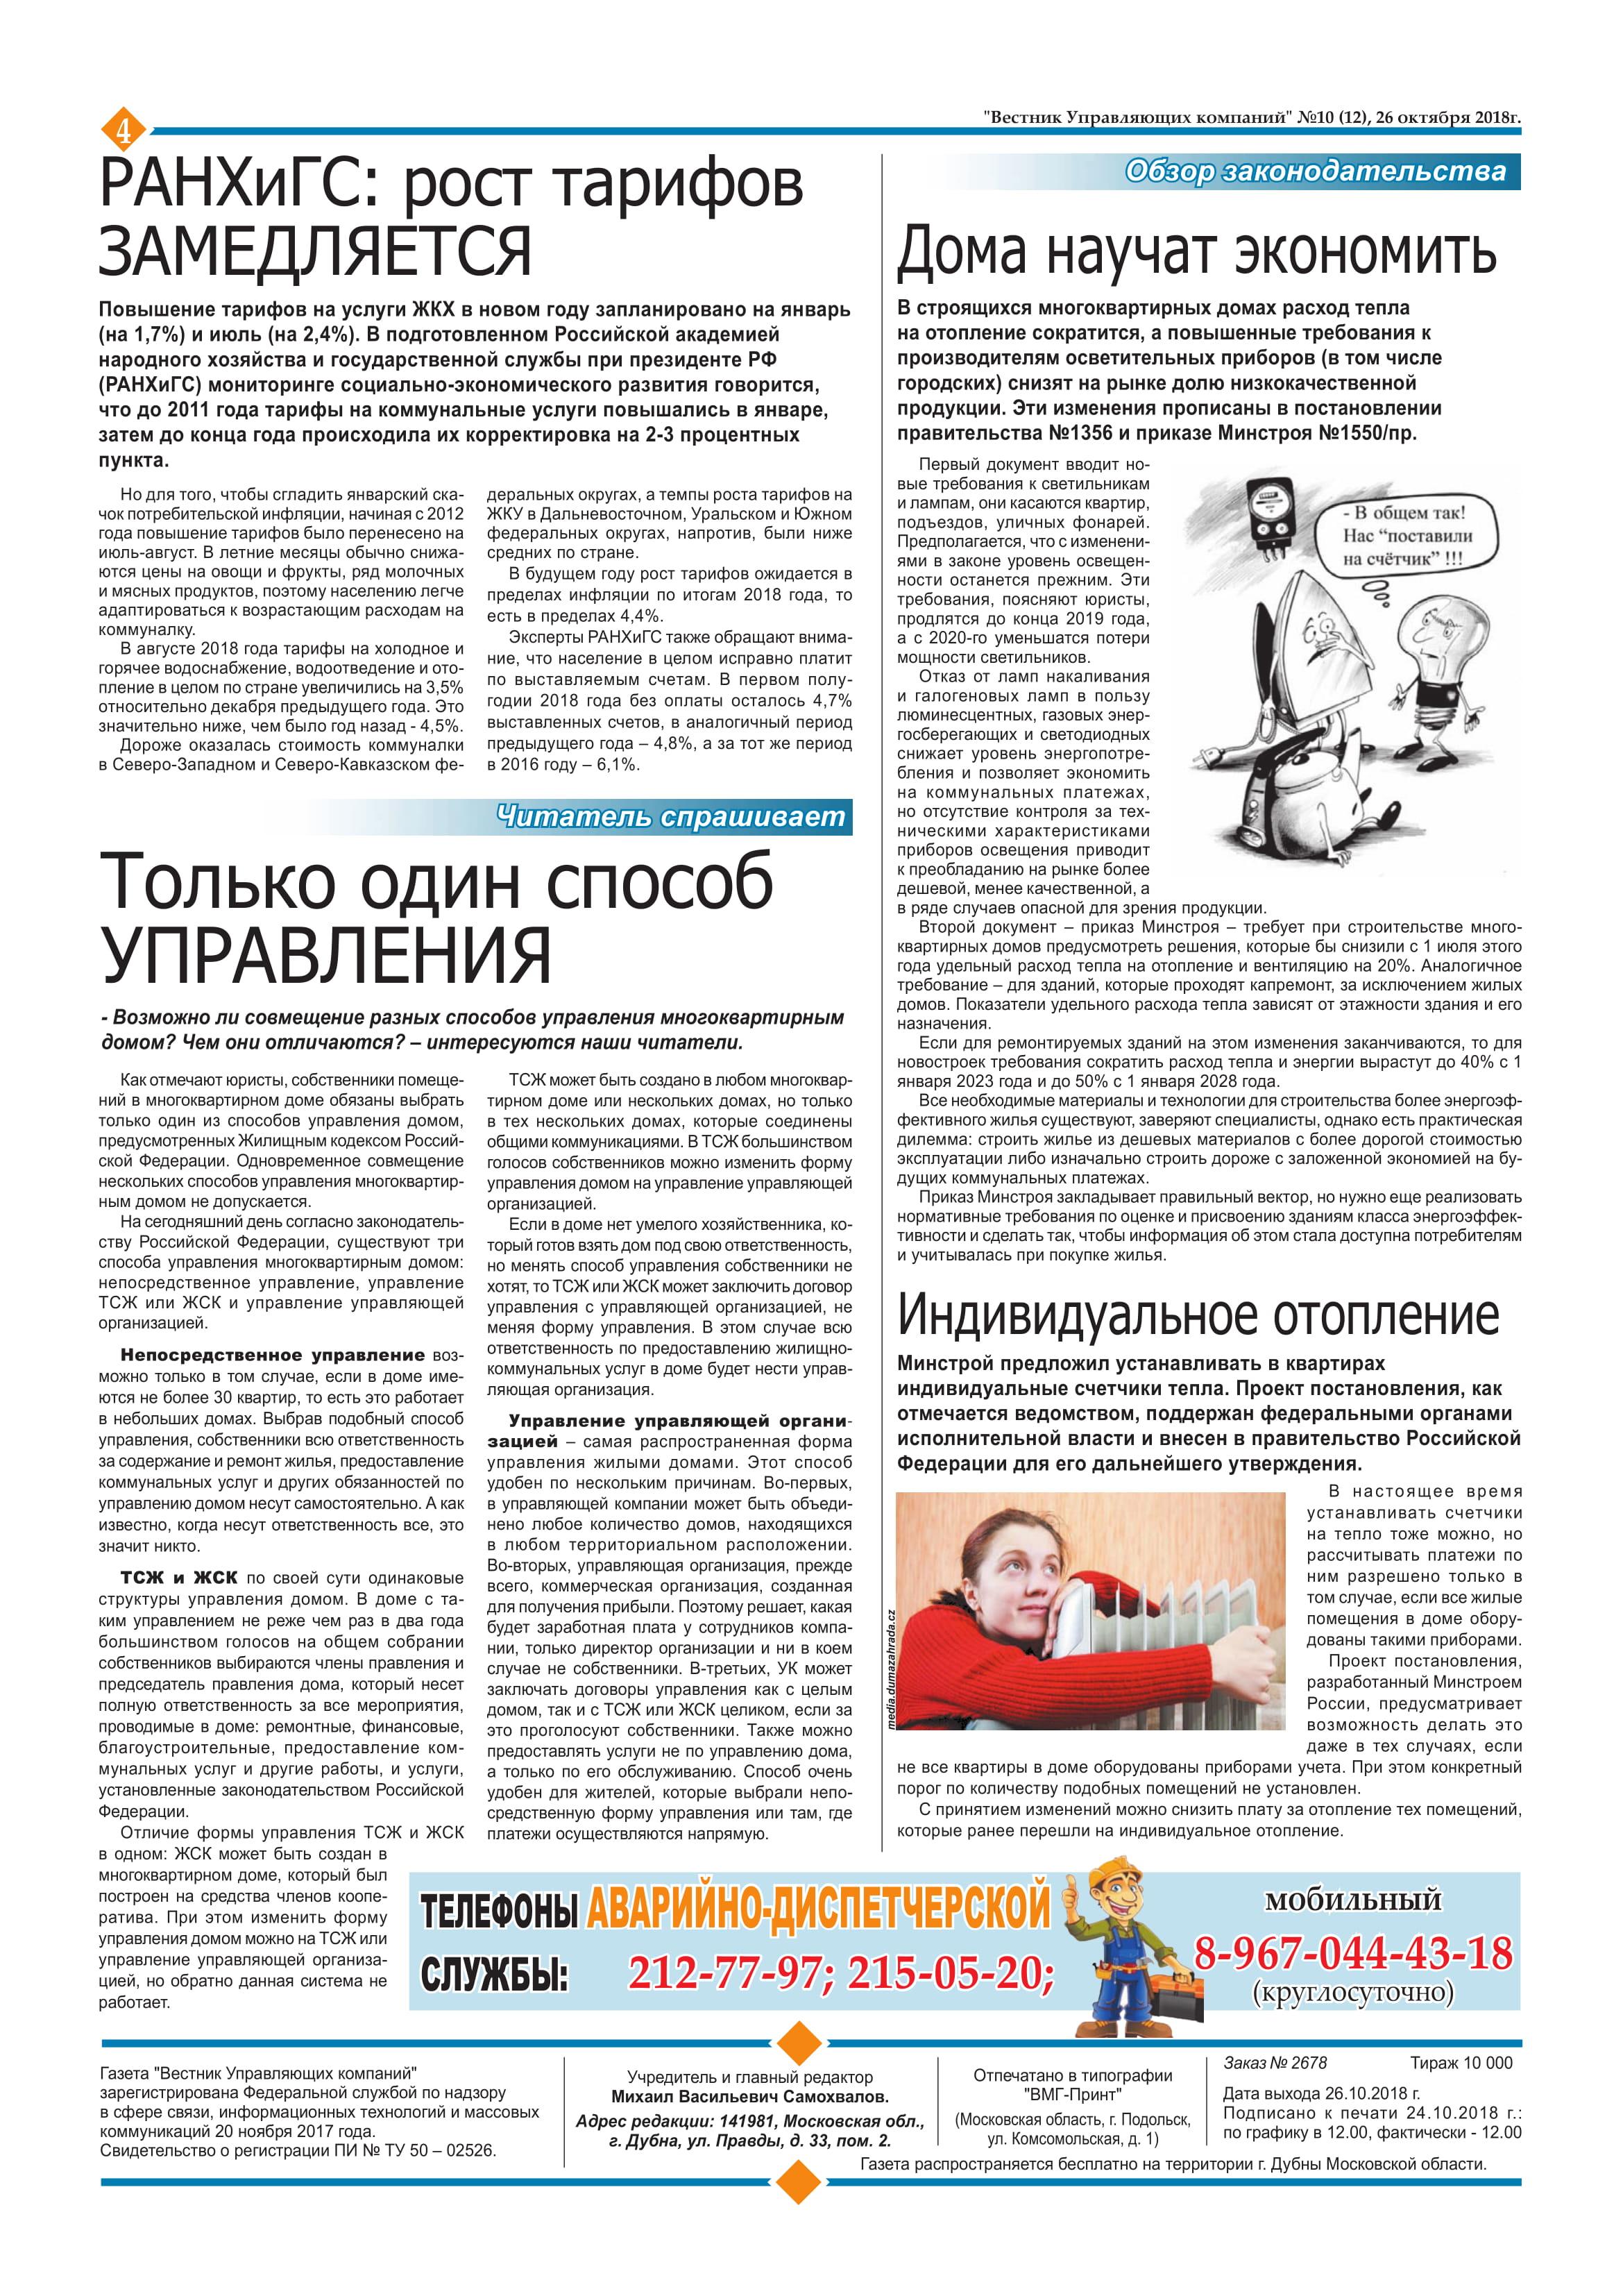 Вестник Управляющих компаний 10(12) от 26 октября 2018 г-4